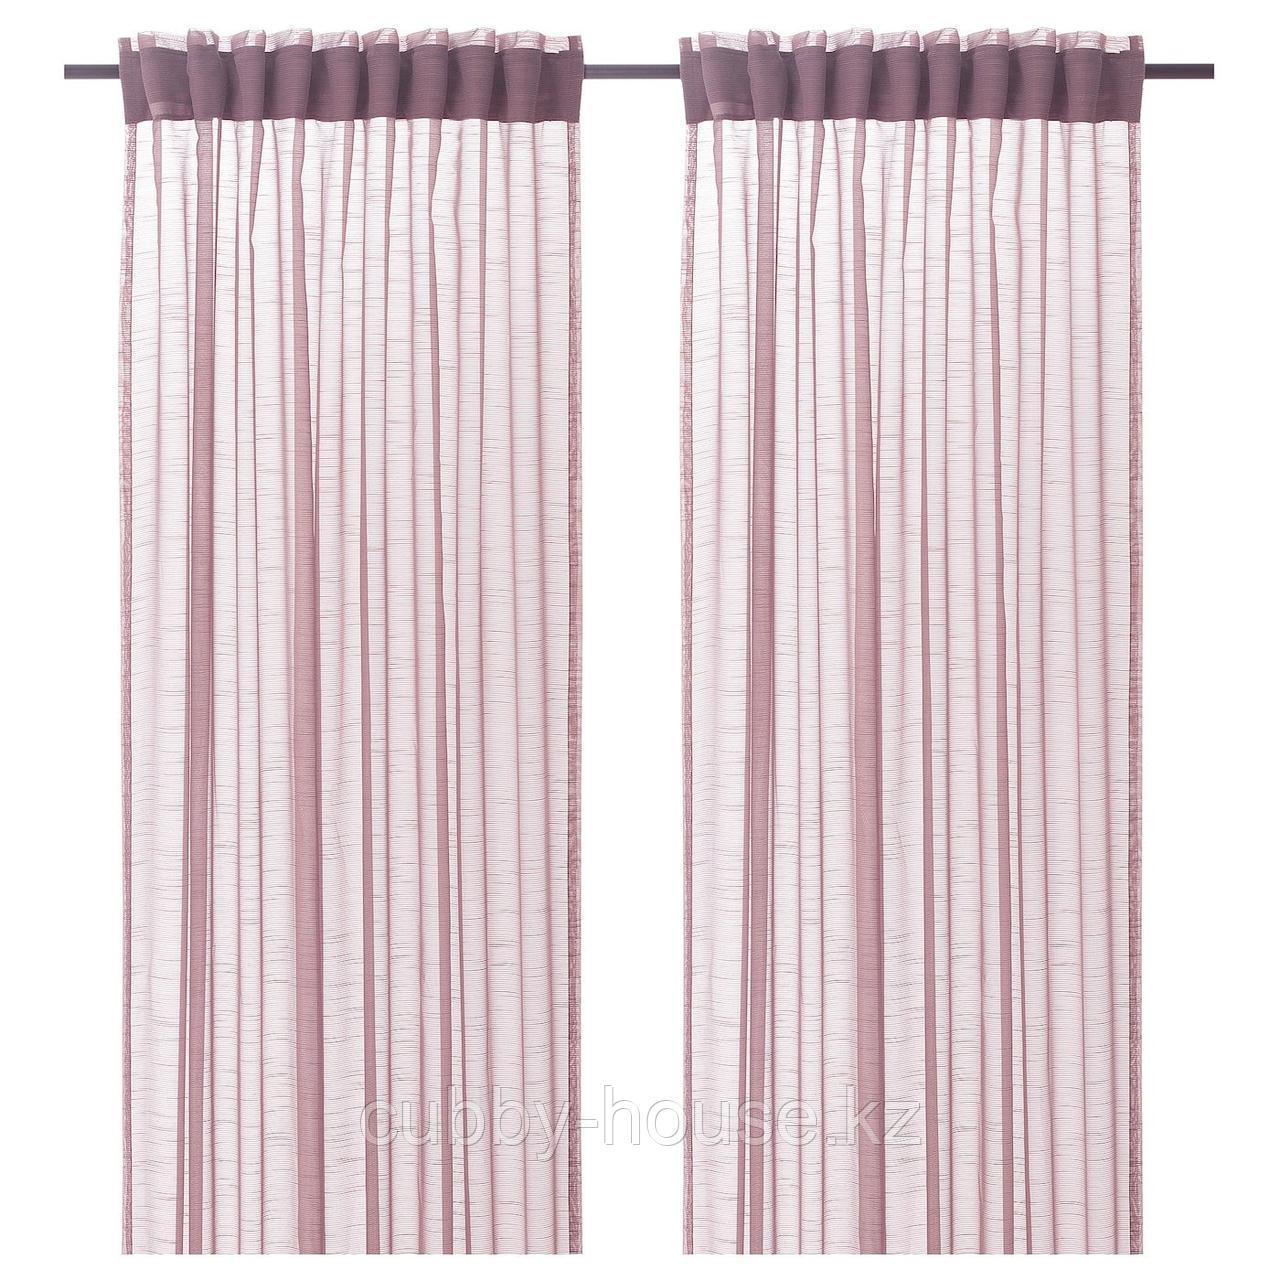 ГЕРТРУД Гардины, 2 шт., розовый, 145x300 см